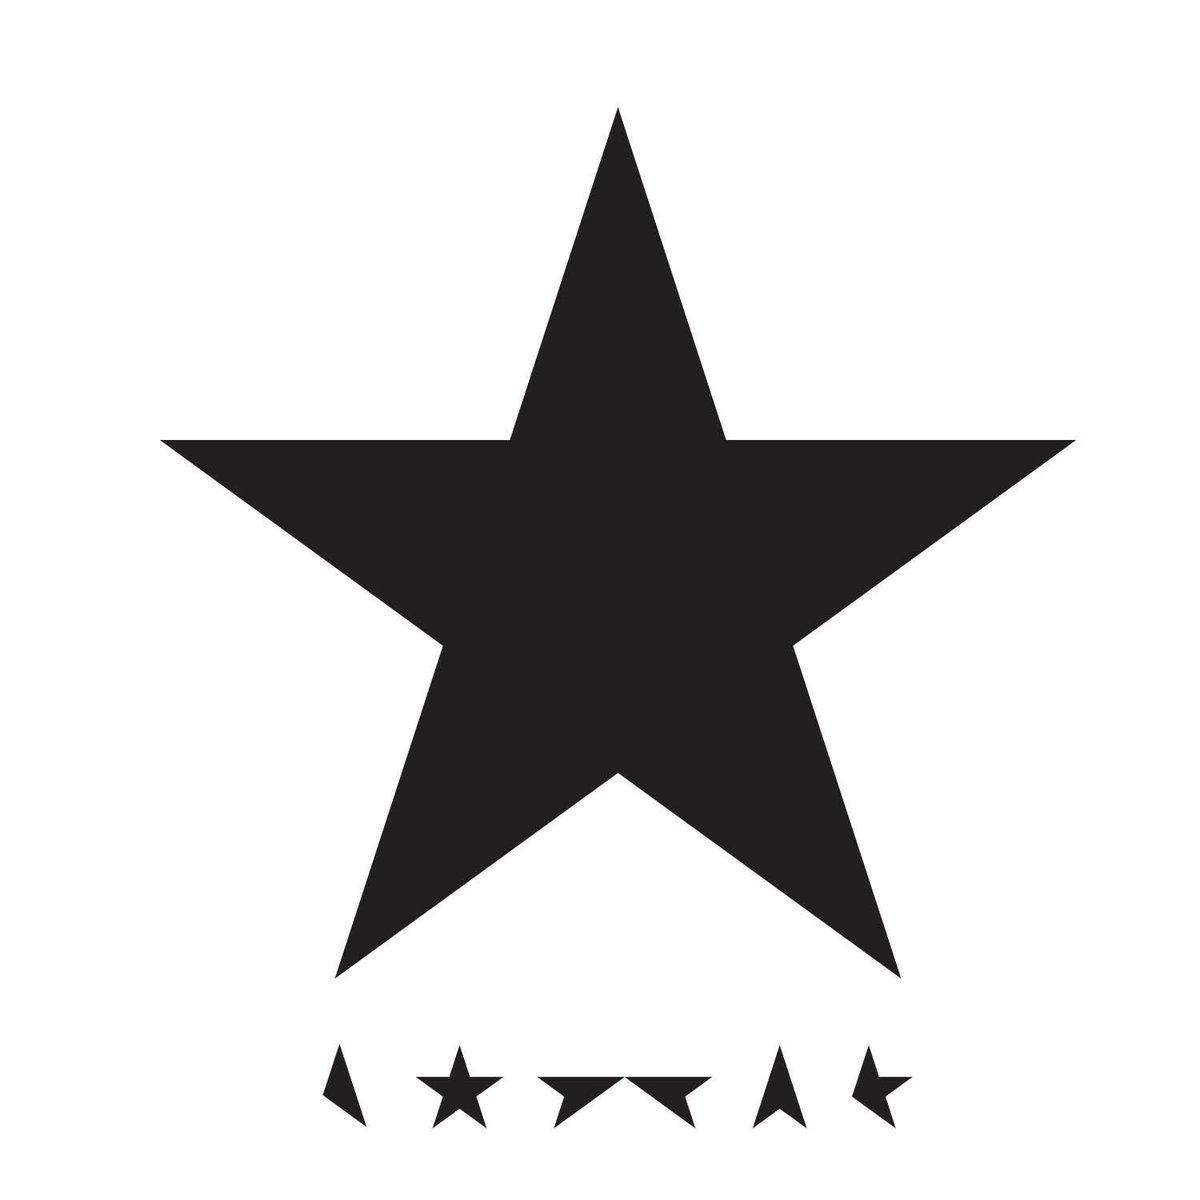 【#グラミー賞★速報】 デヴィッド・ボウイ の最新アルバム『★』が4部門を受賞!残すところ1部門! …